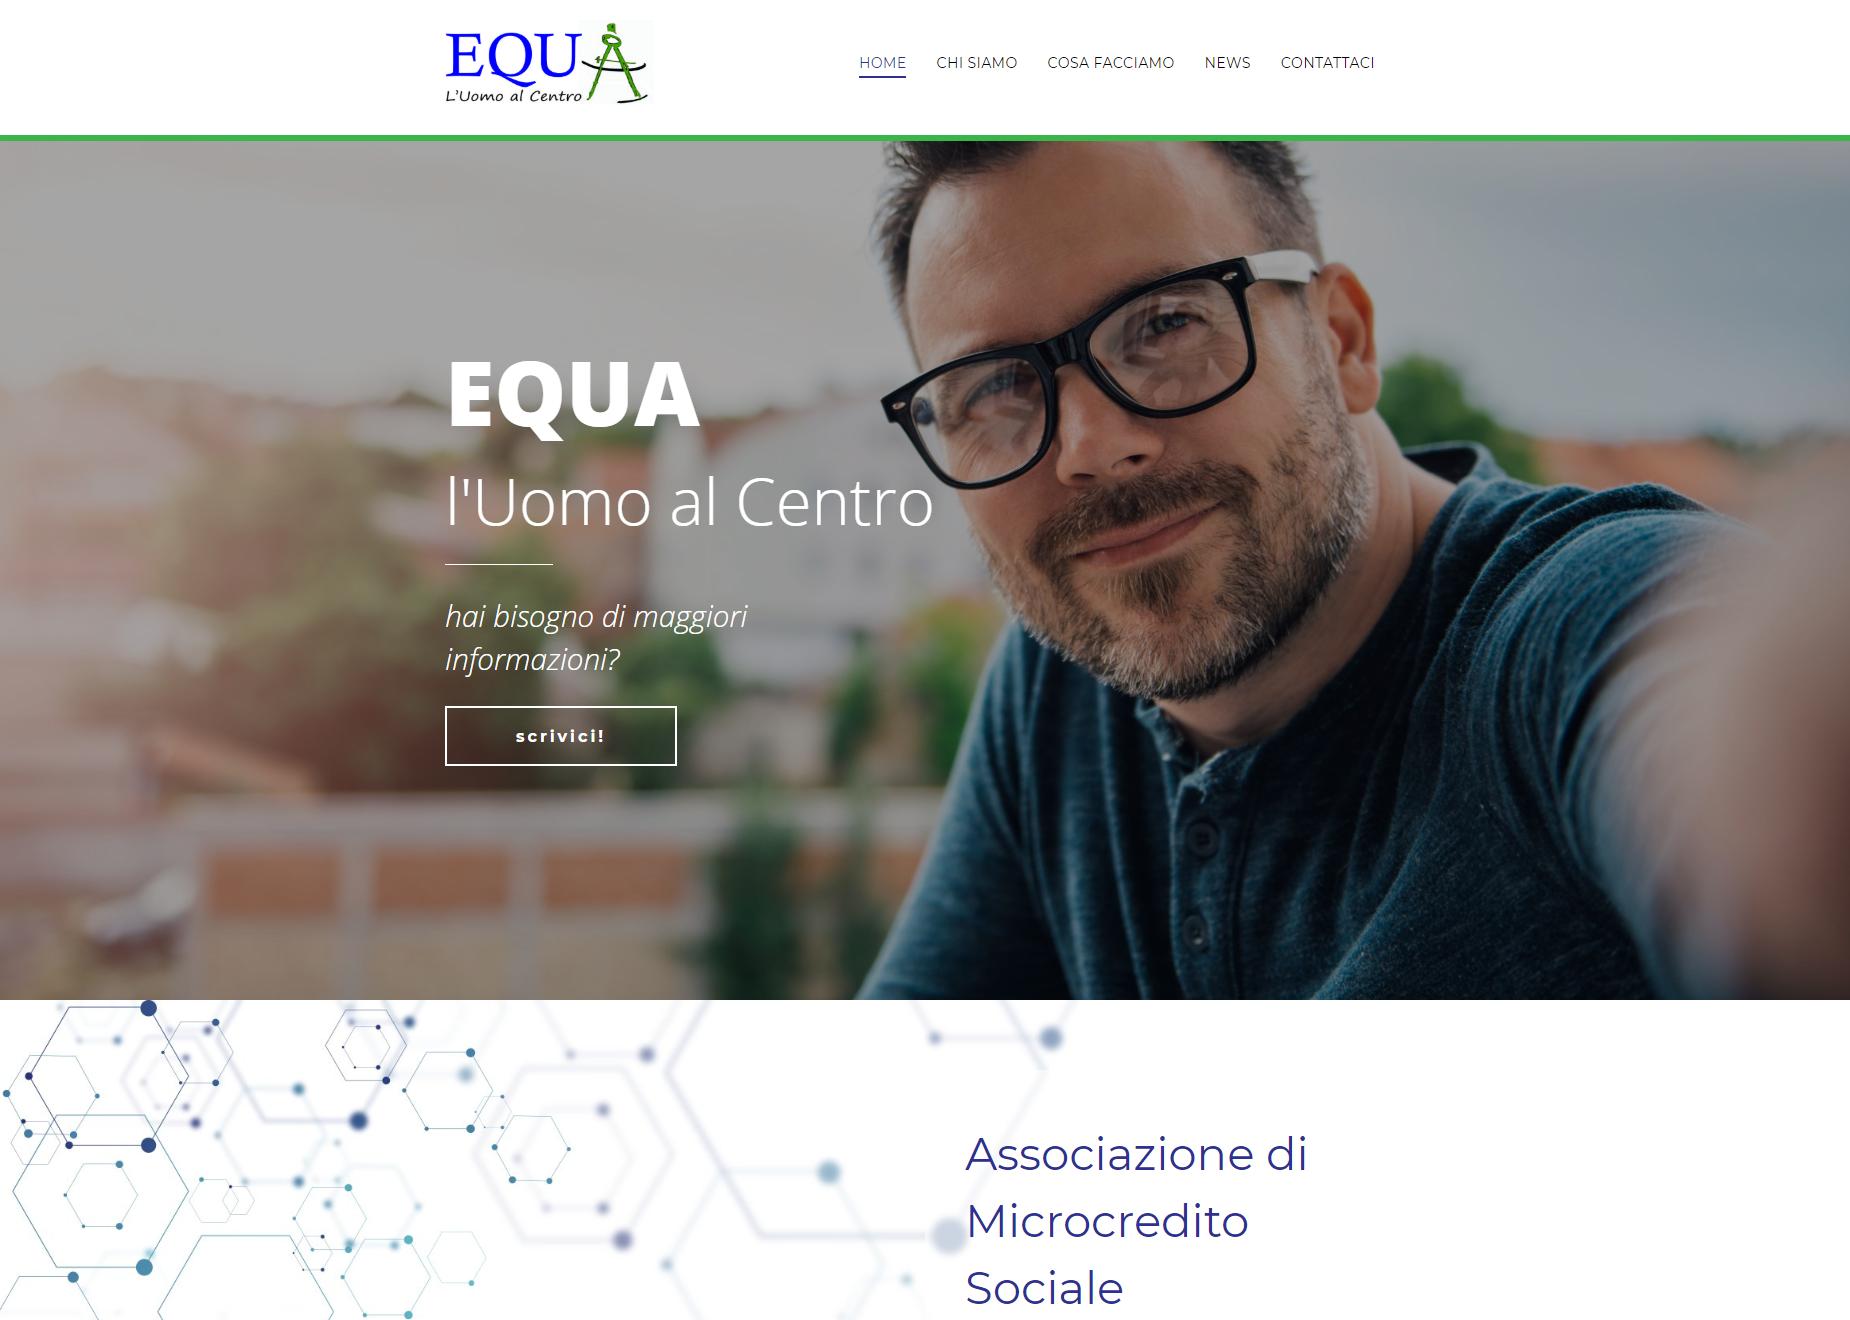 screencapture-equa-online-2019-04-05-13_47_00 (1)